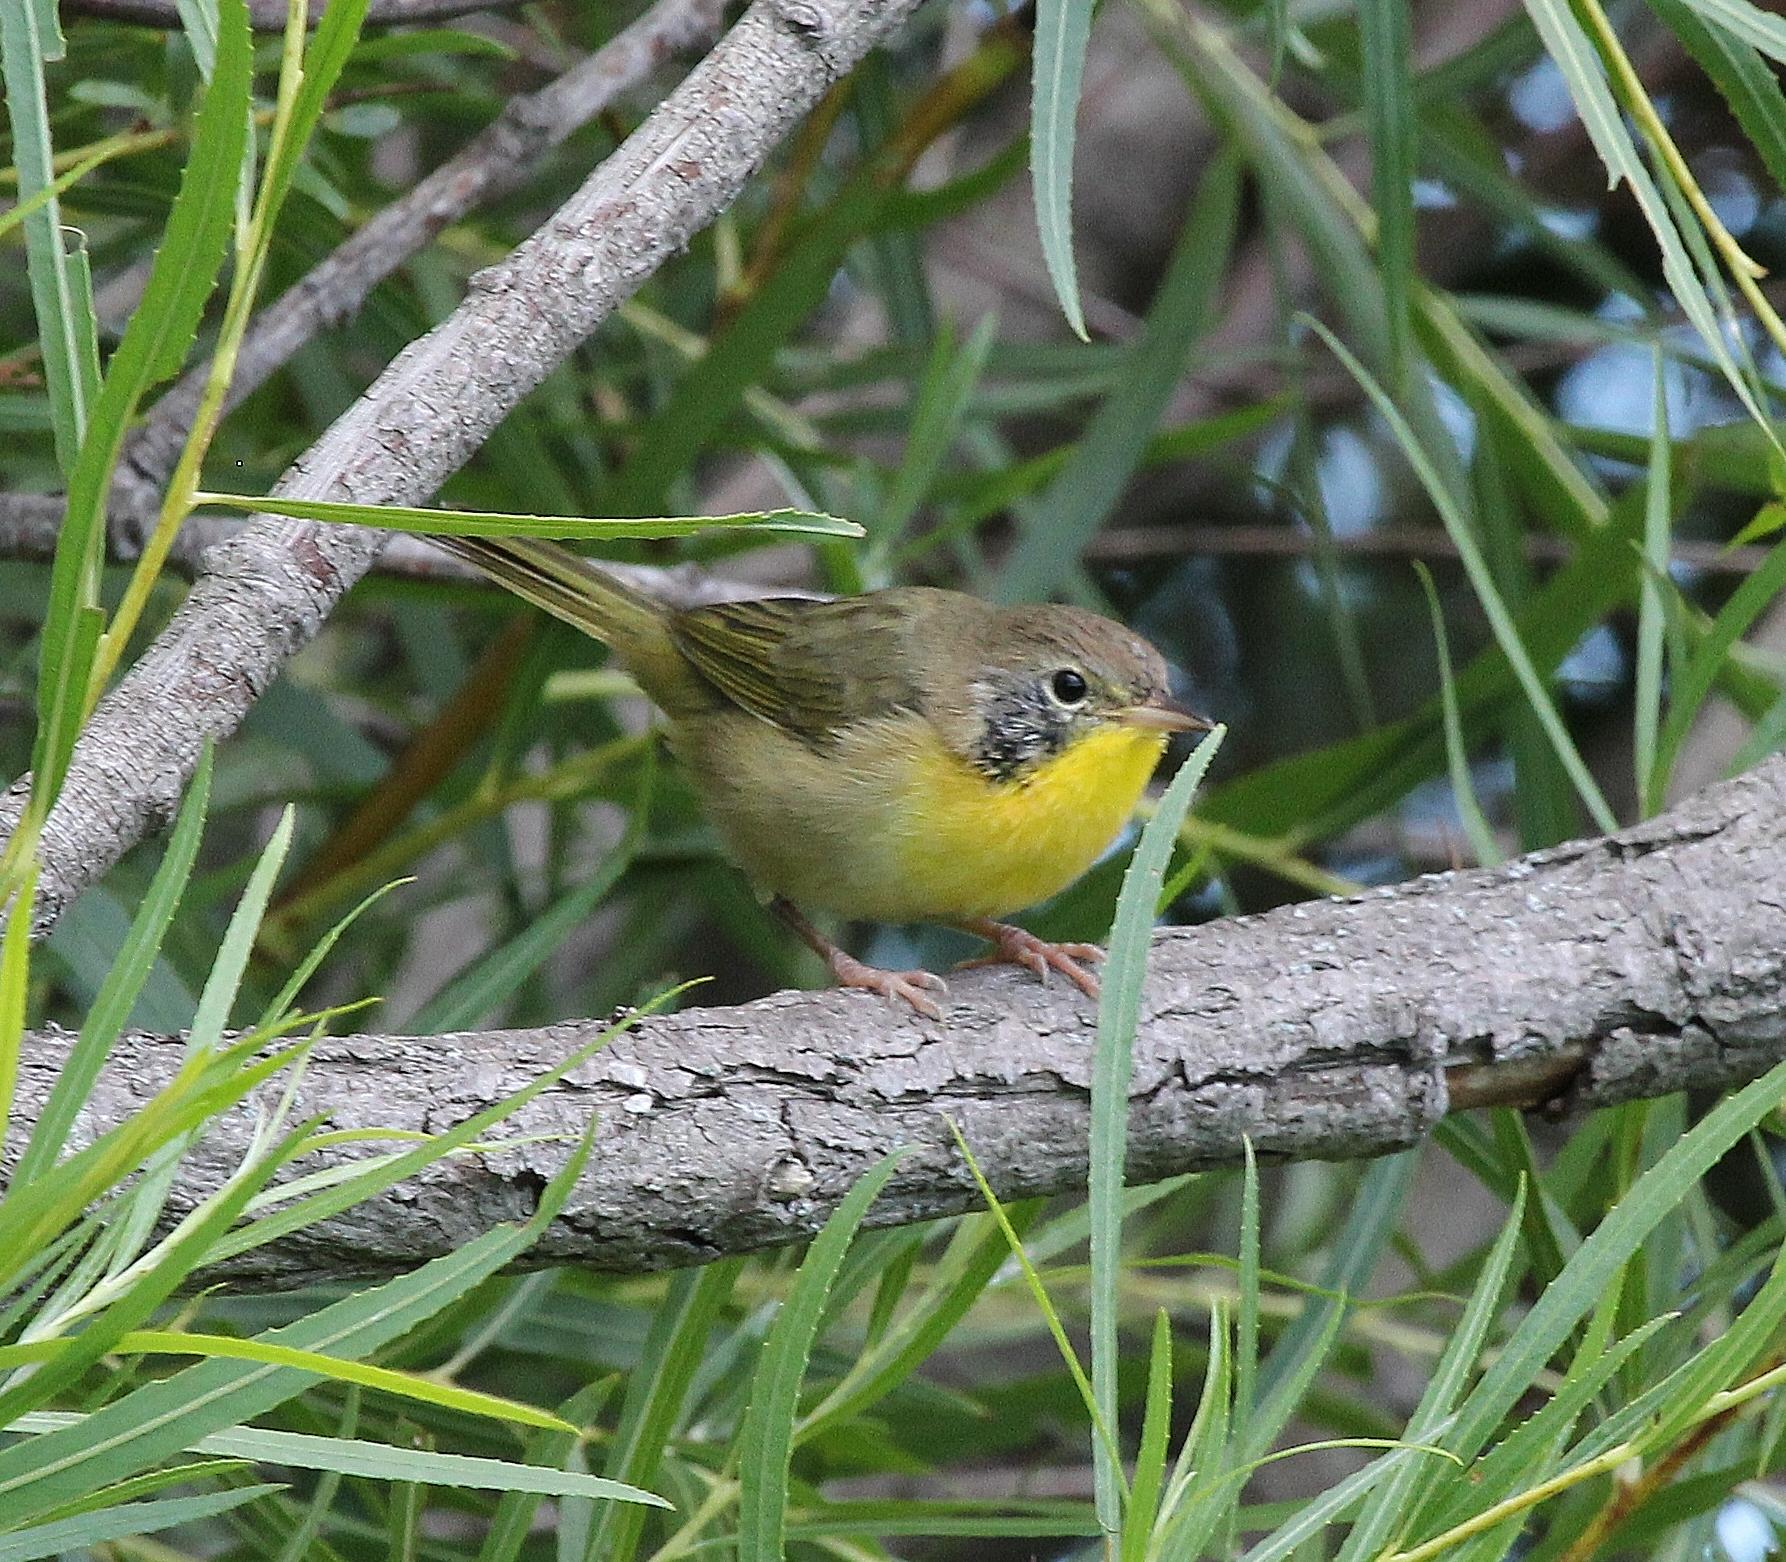 Common Yellowthroat - fall immature male